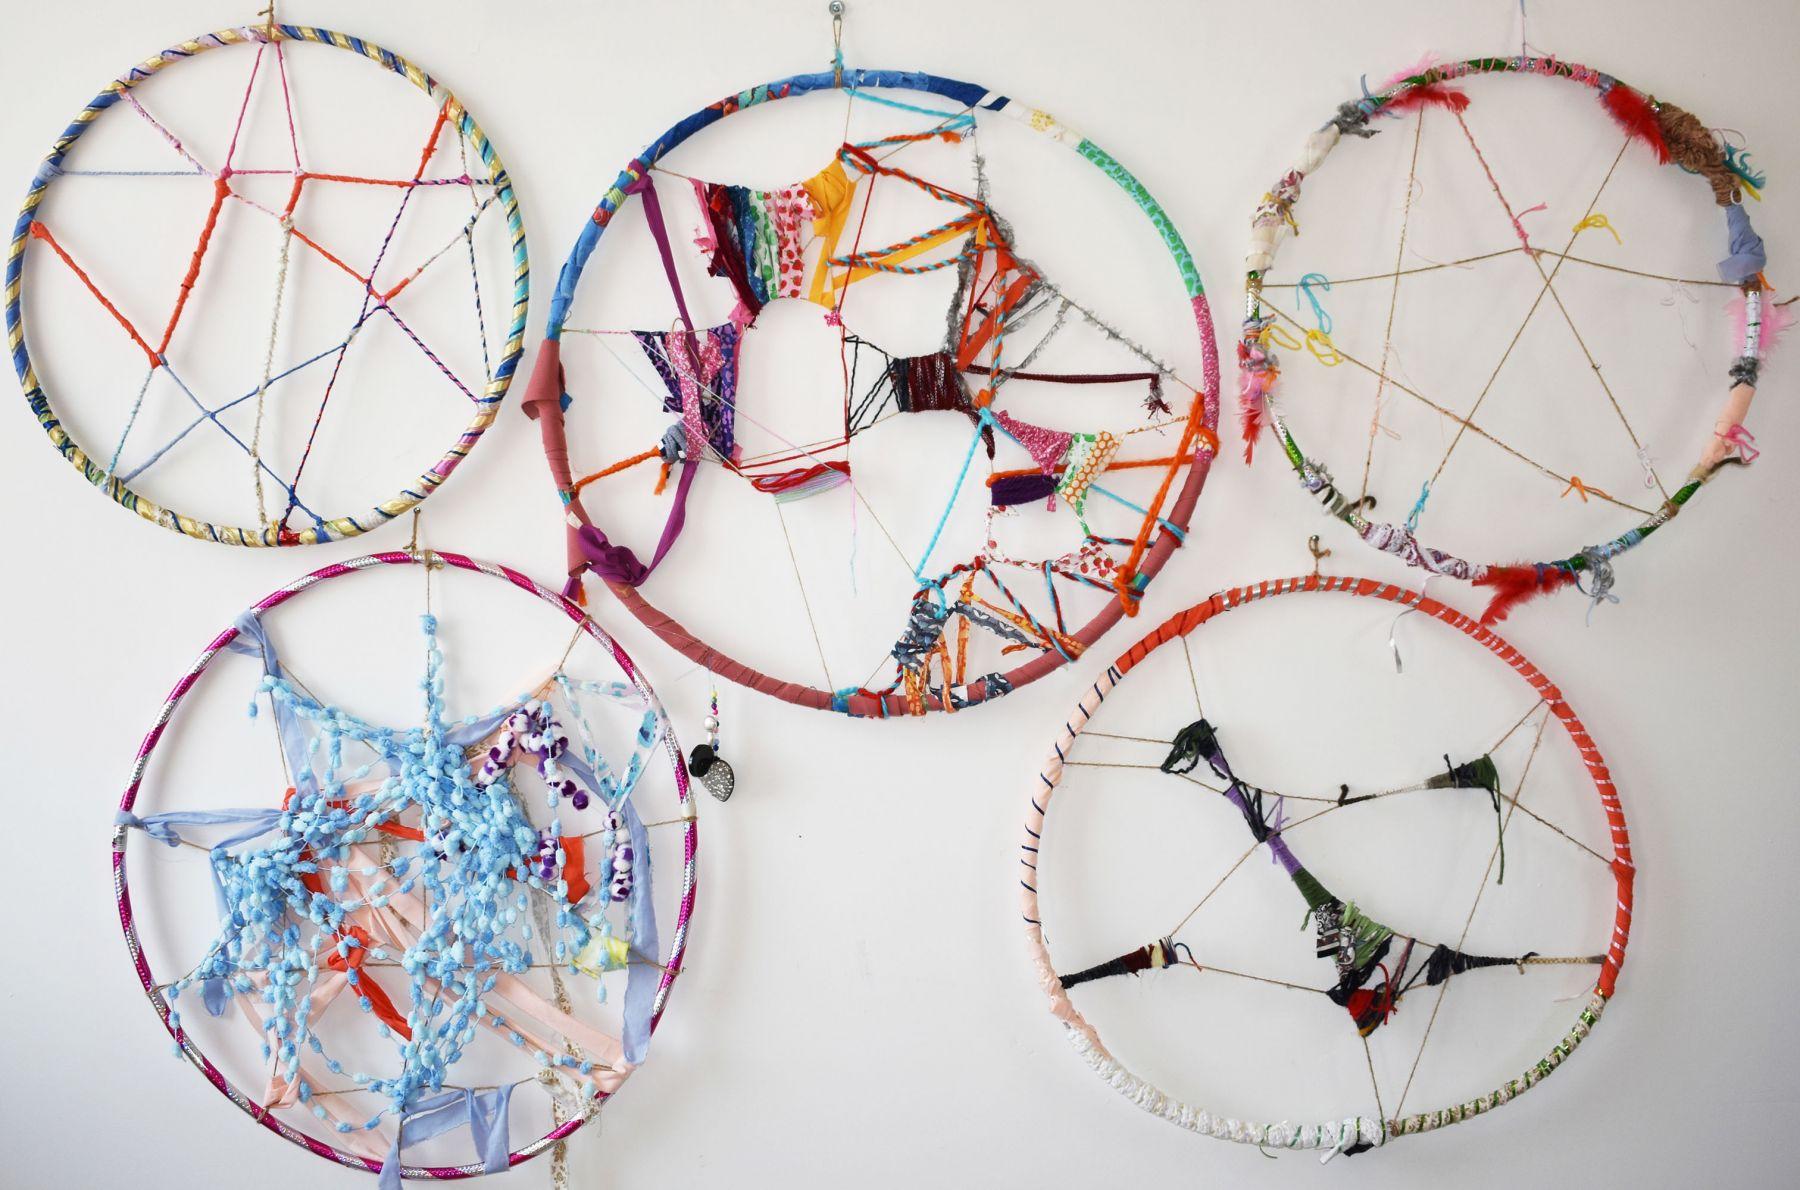 Club Lane Womens Weaving Group  Woven Hoop artwork